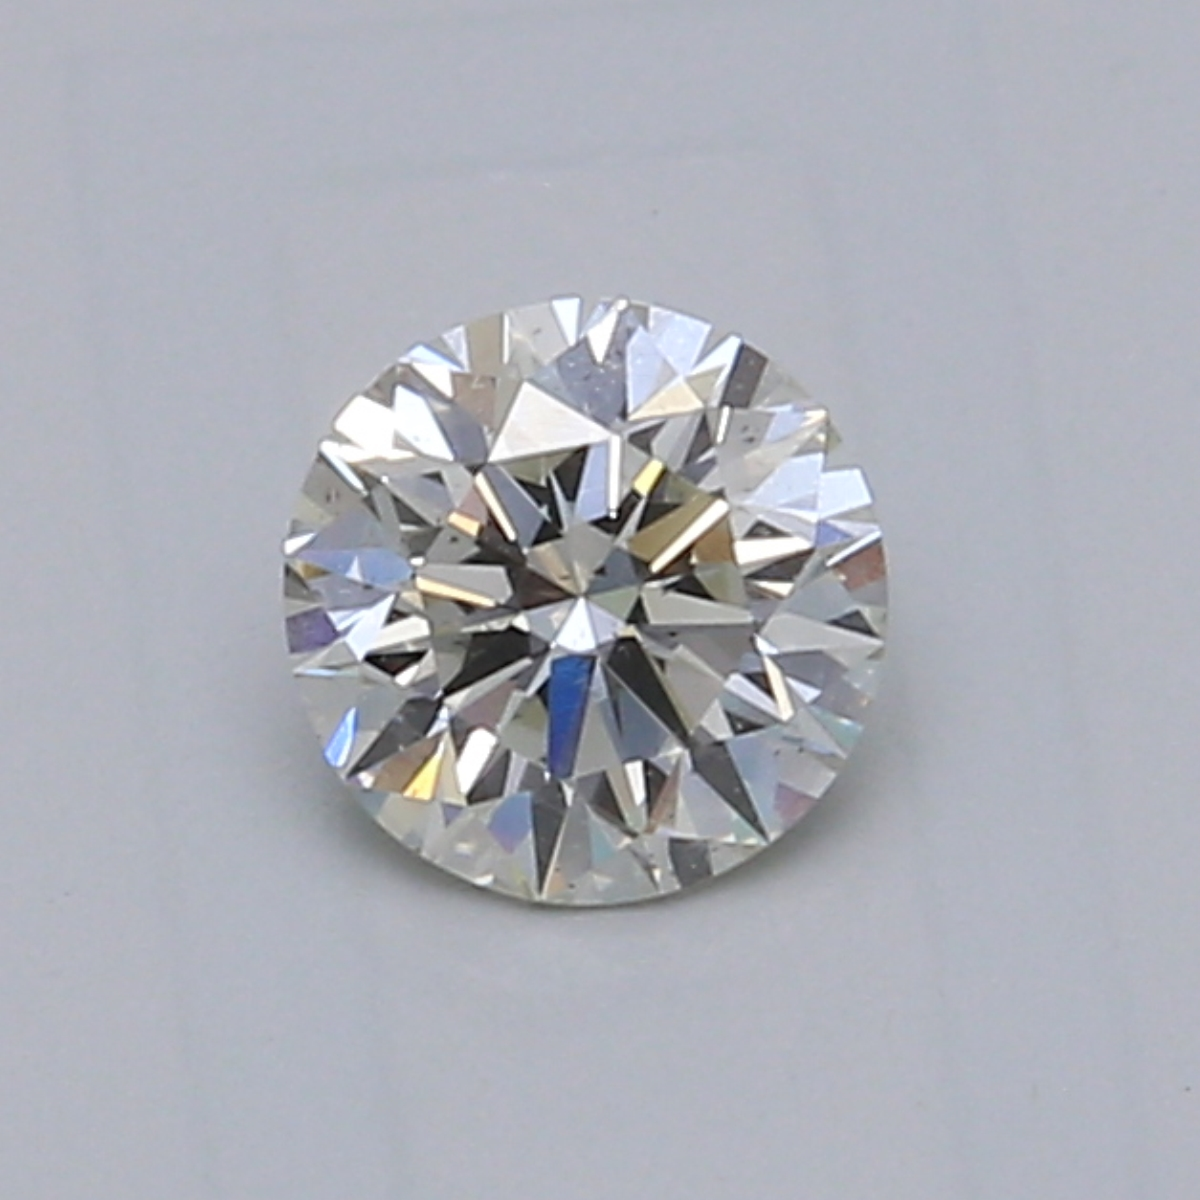 0.60 Carat K VS2 Round Diamond